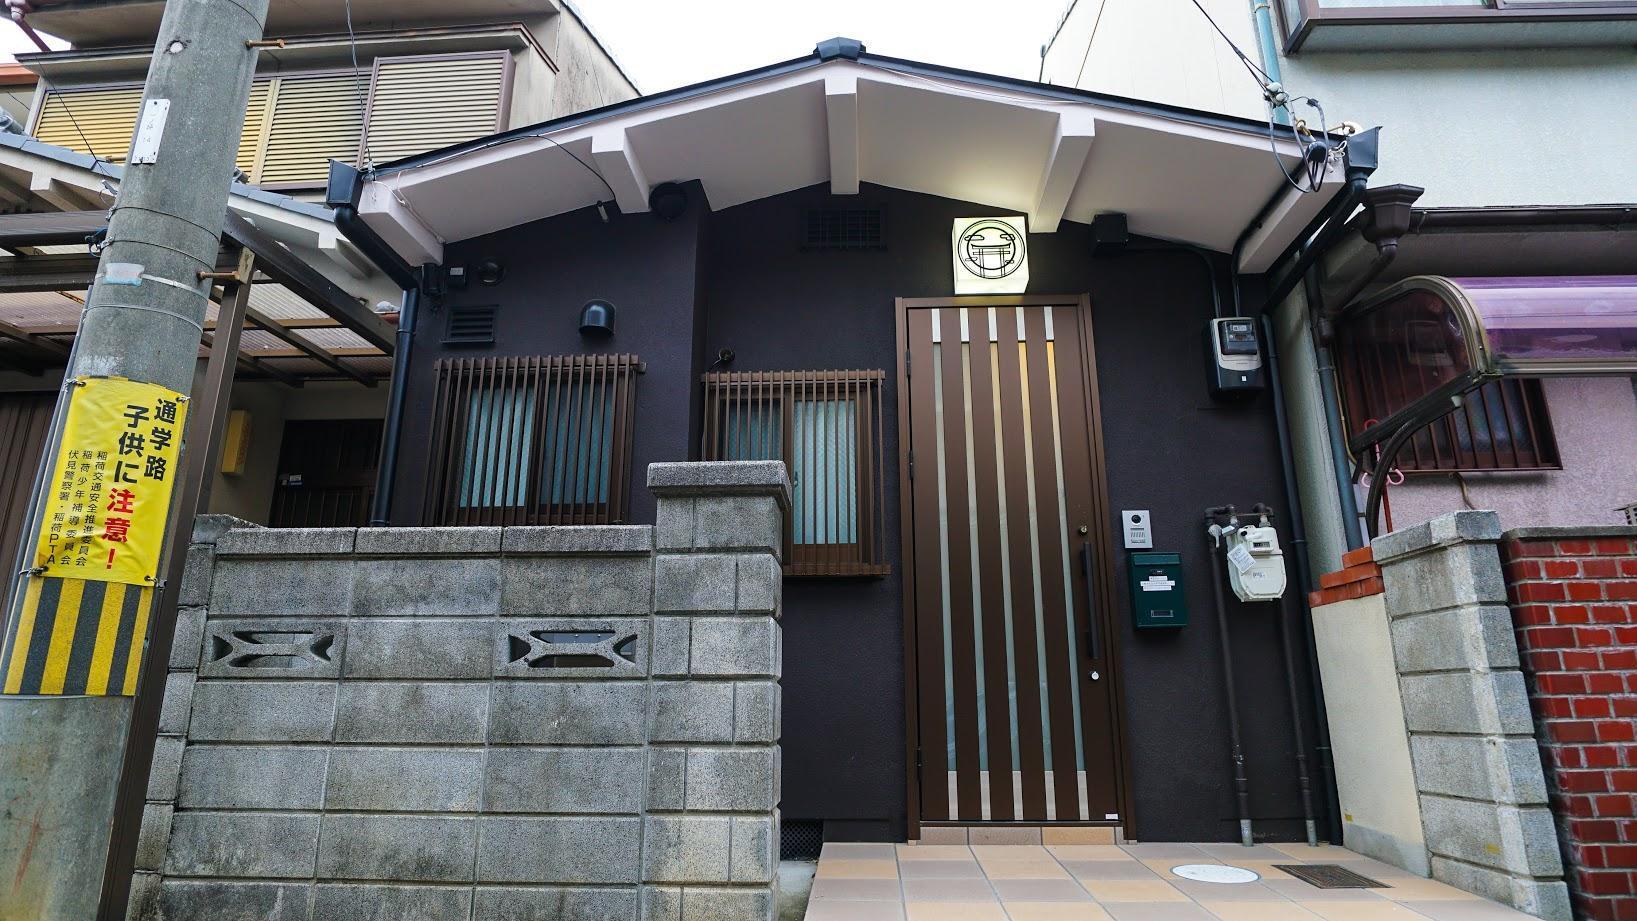 Airdream Kamon Inn Aifuka 2A Near To Tobakaido